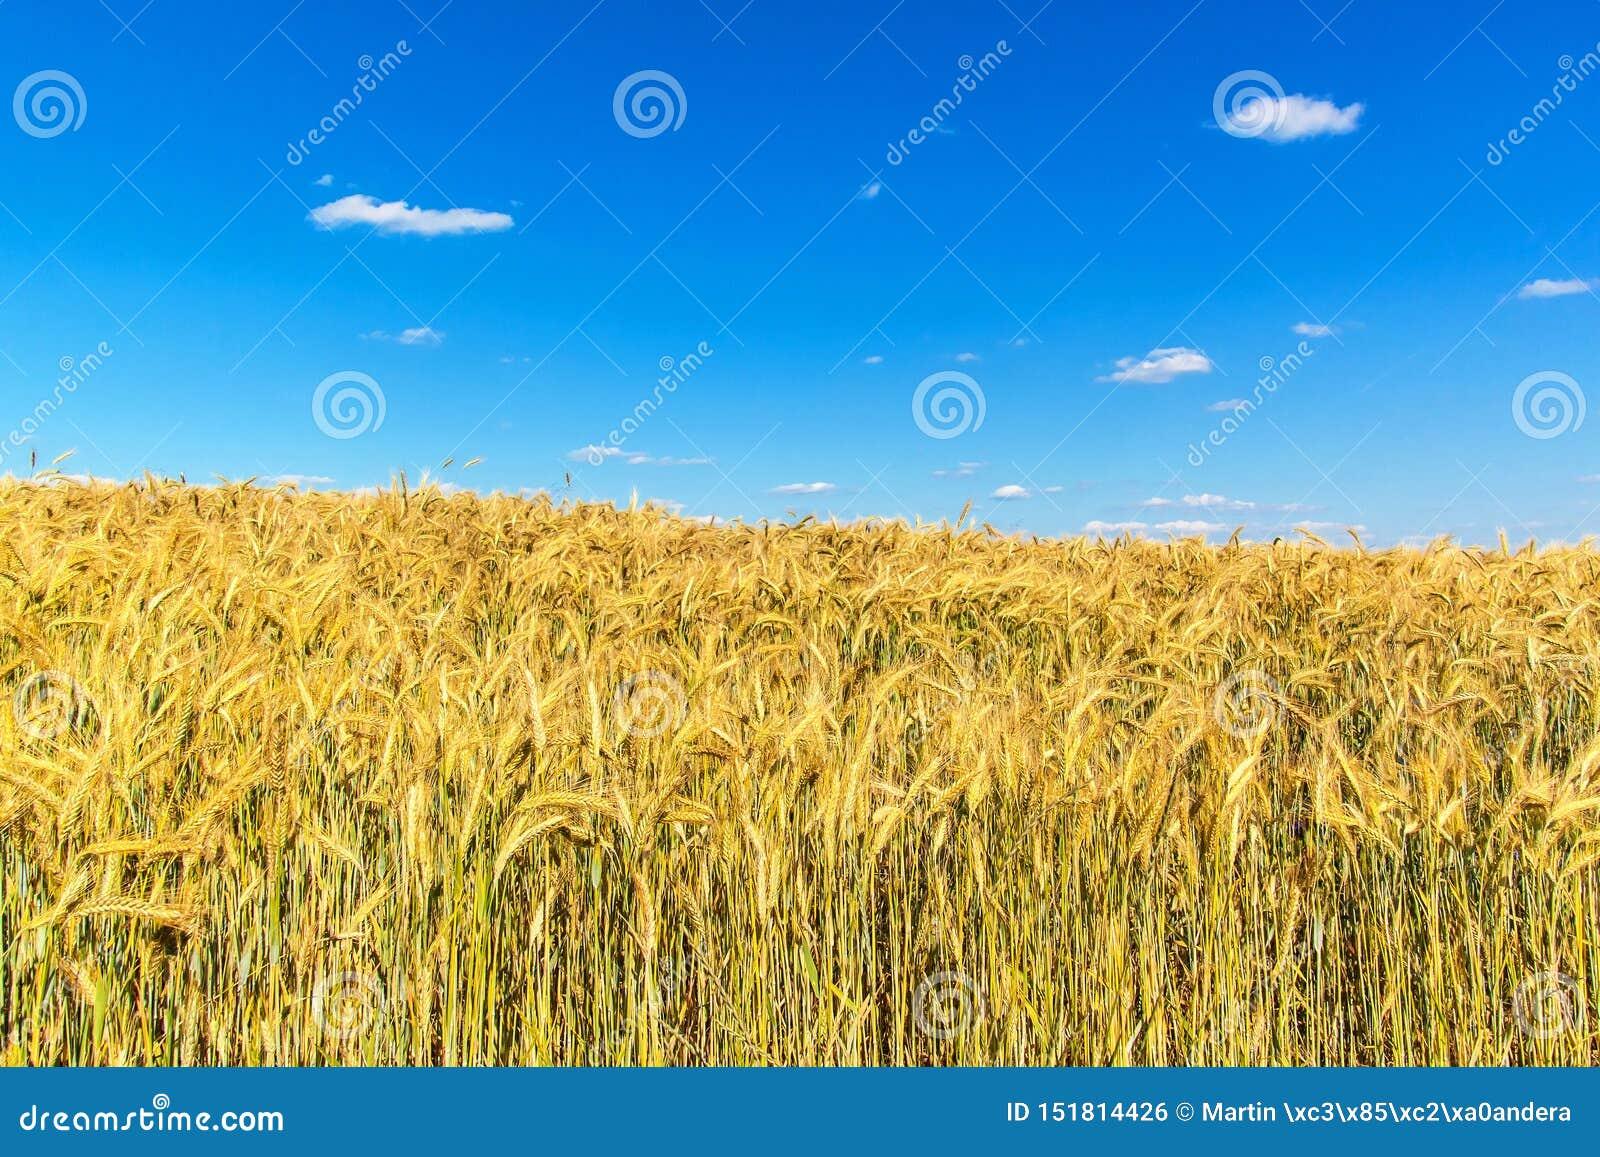 Het gebied van de tarwe en blauwe hemel met wolken Rijpe aren tegen een intense blauwe hemel Landbouwlandschap in de Tsjechische